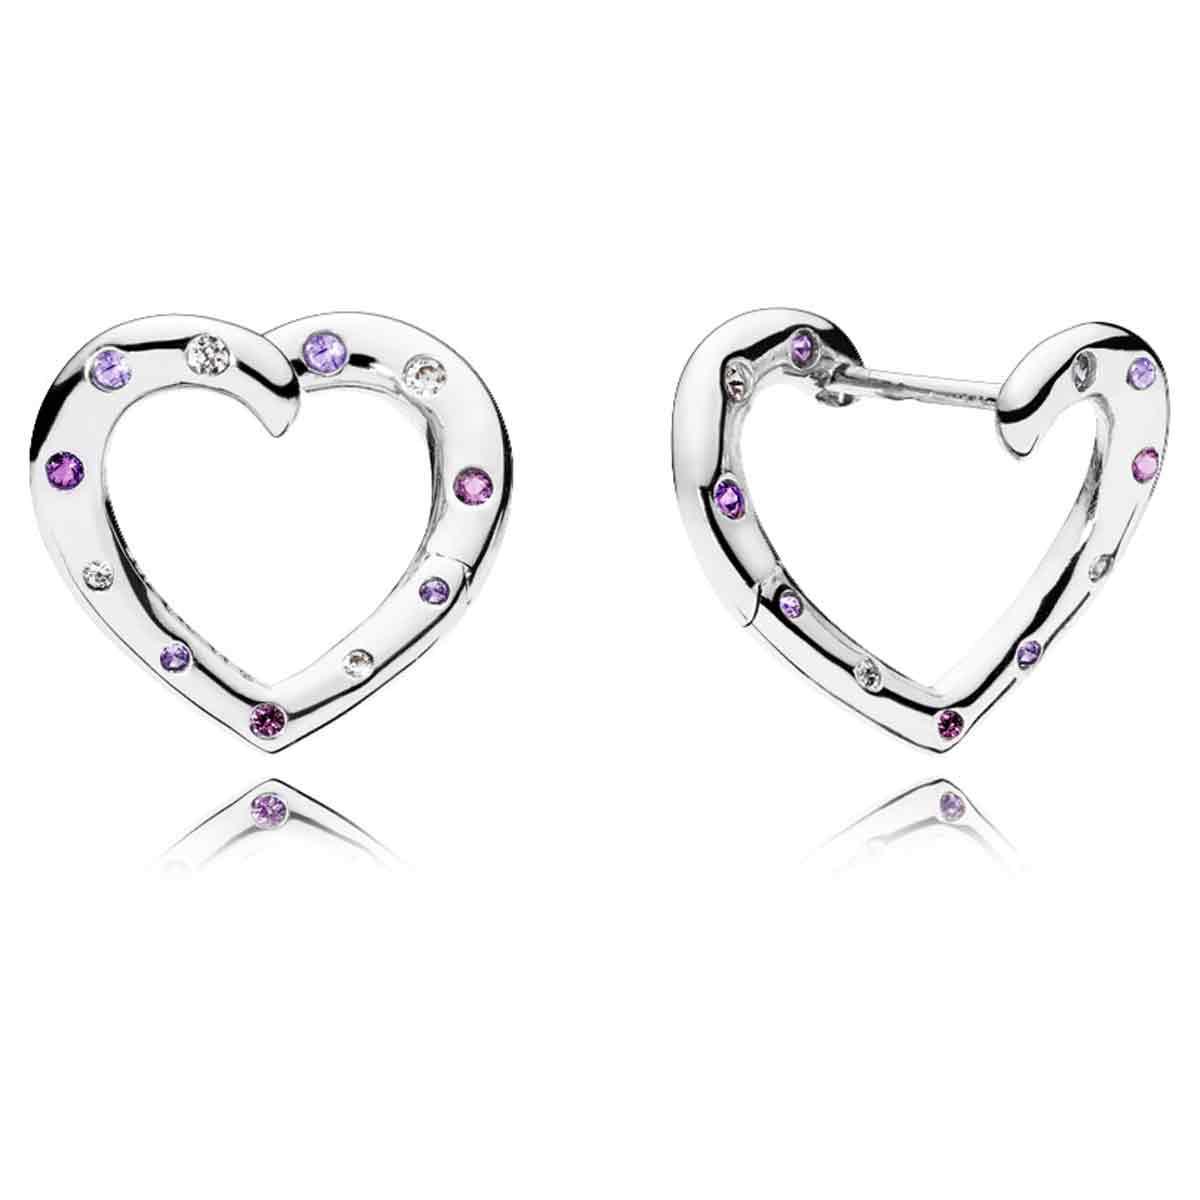 b34c58c3b PANDORA Bright Hearts Hoop Earrings 297231NRPMX